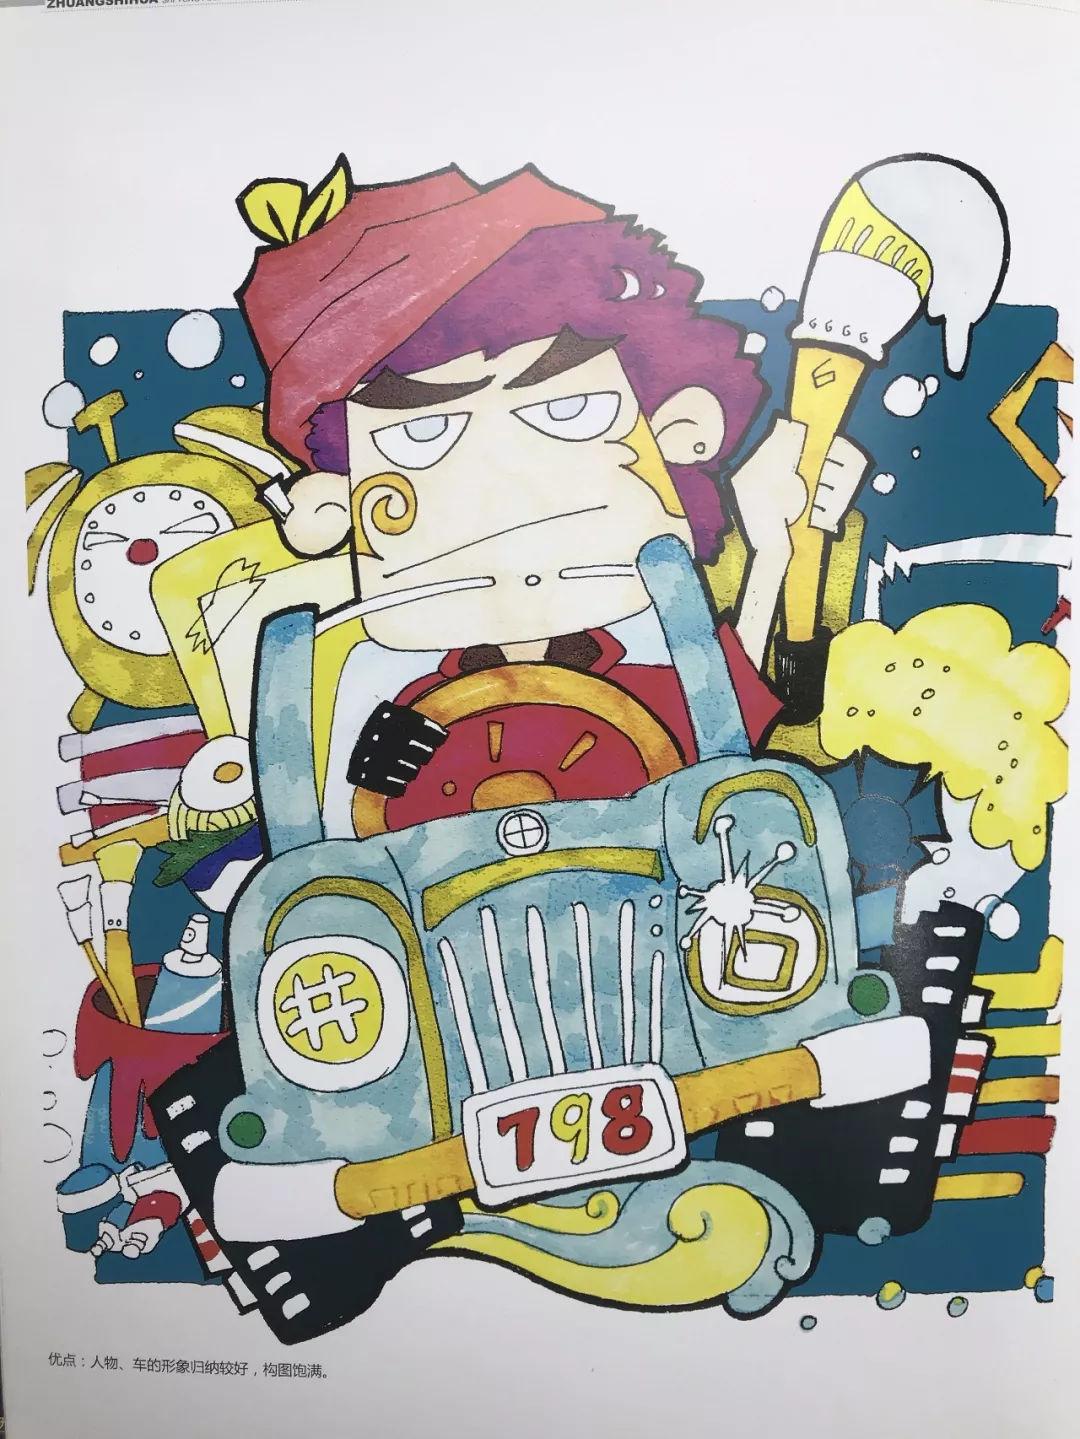 马克笔画出的装饰画,喜欢动漫的可以收藏下来,非常实用!